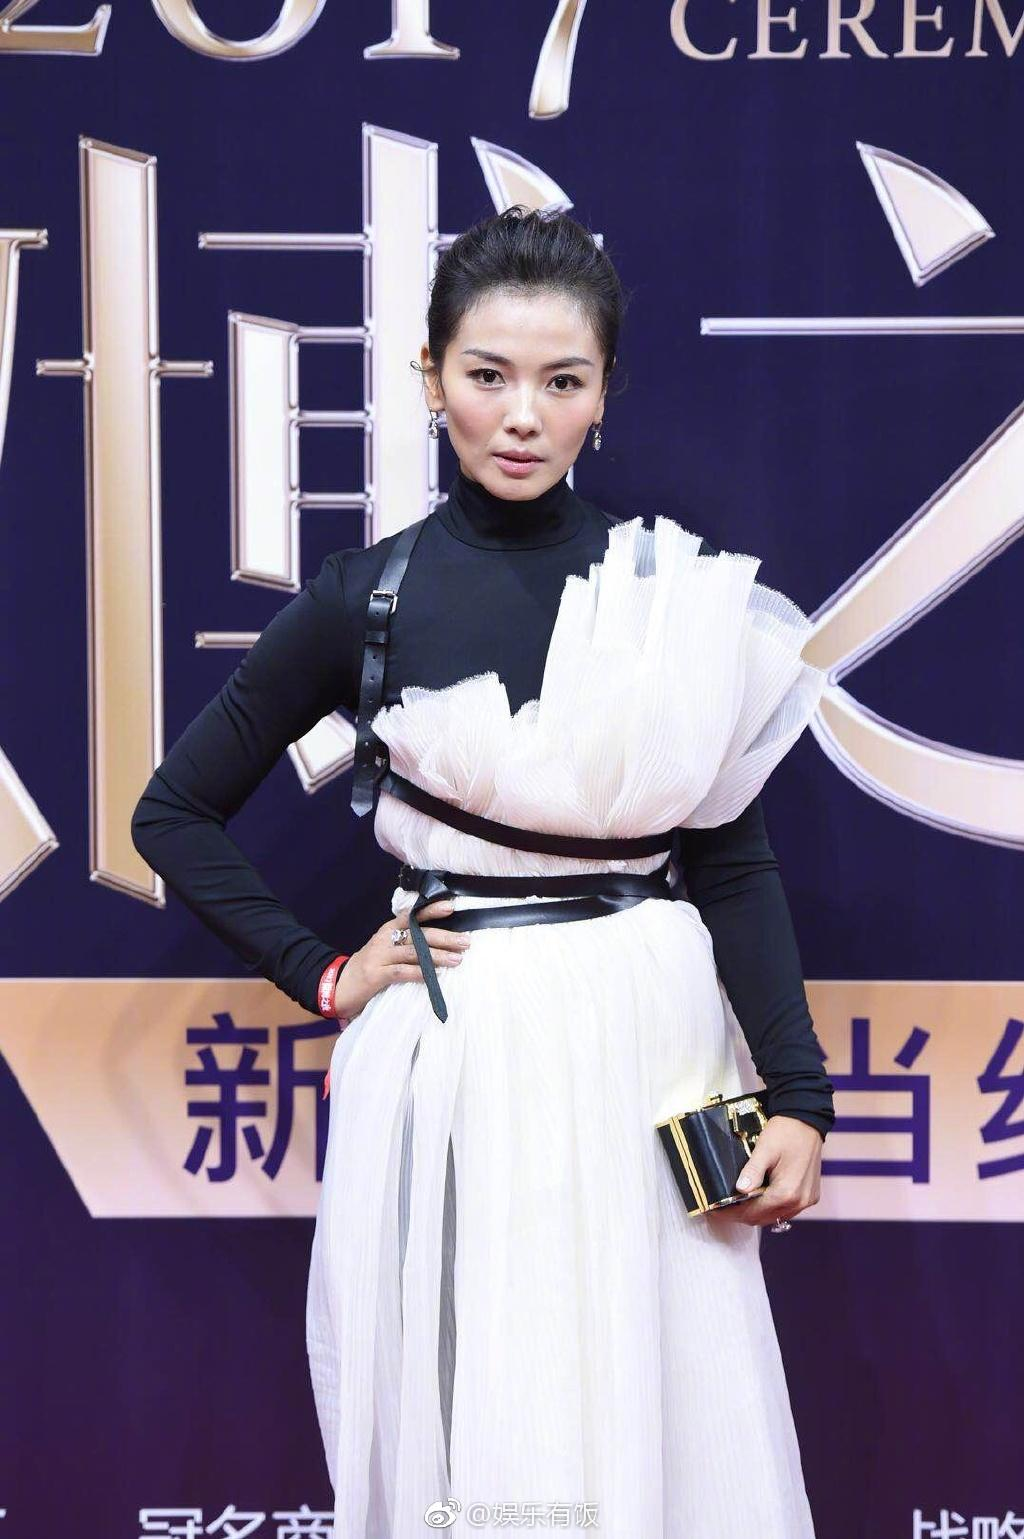 Dương Mịch, Lưu Thi Thi đẹp bất phân thắng bại khi cùng chạm mặt trên thảm đỏ-8